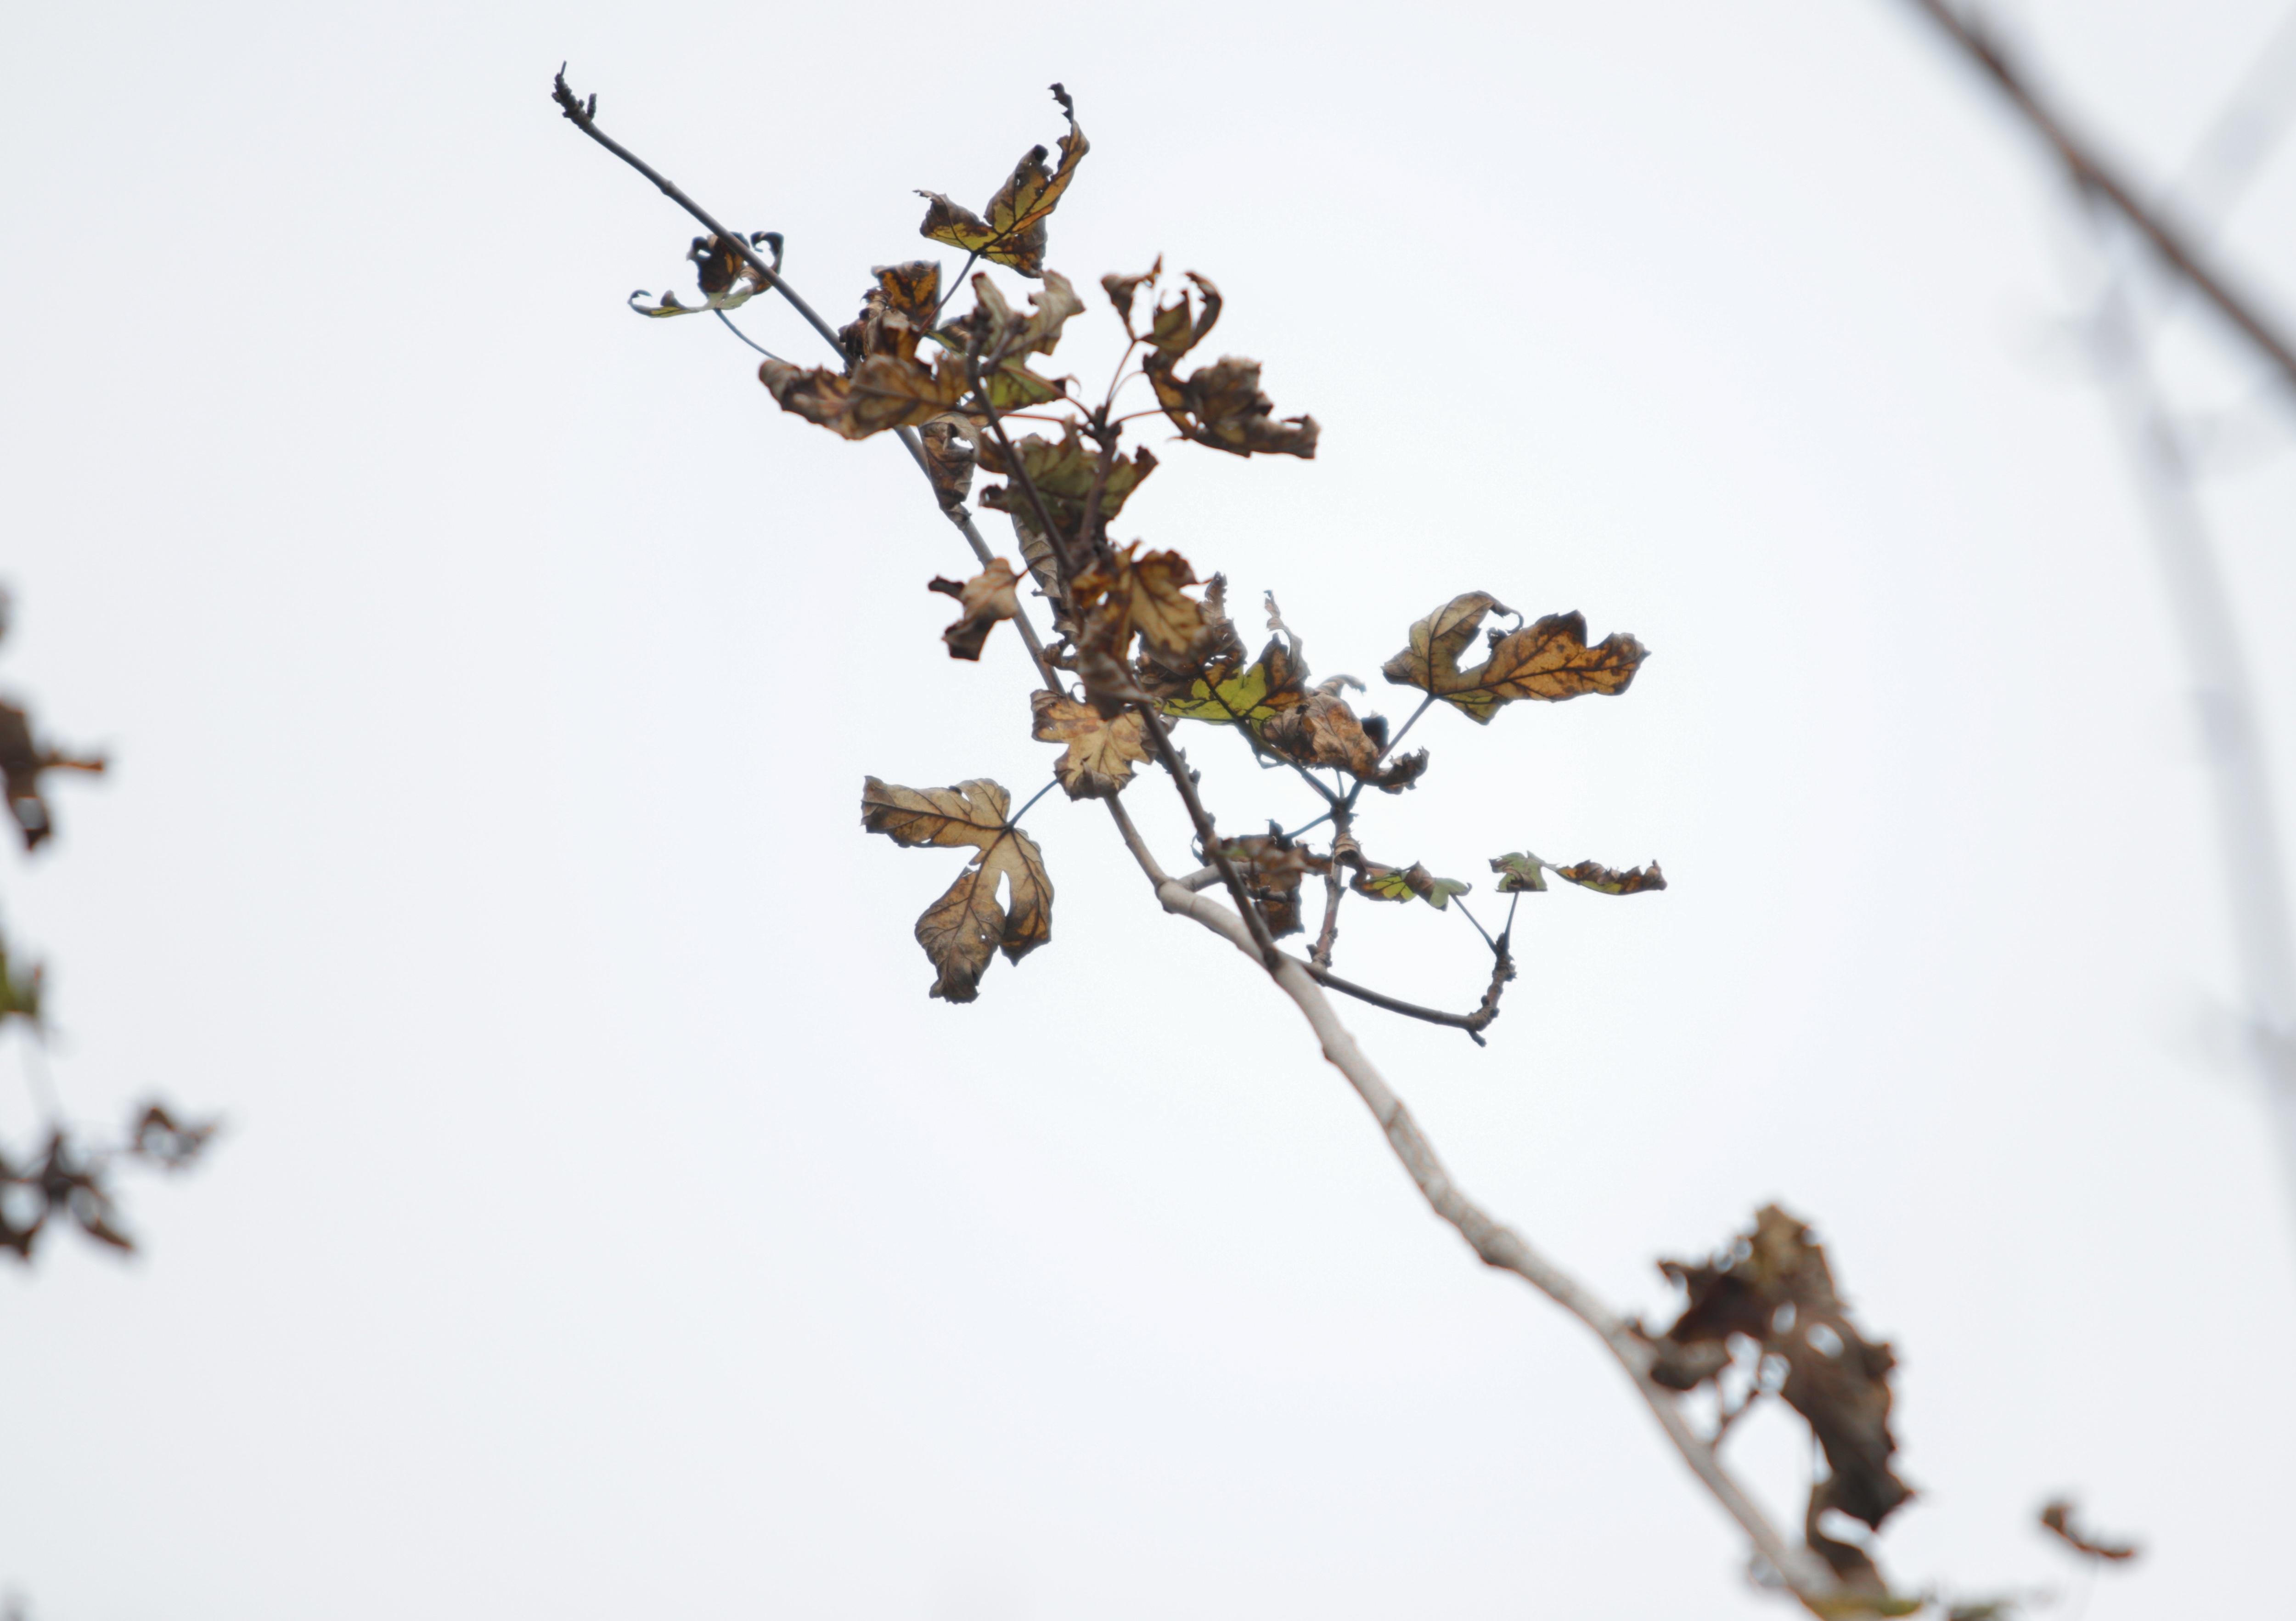 Nắng nóng thiêu đốt hàng trăm cây phong lá đỏ sống như chết khô - 11